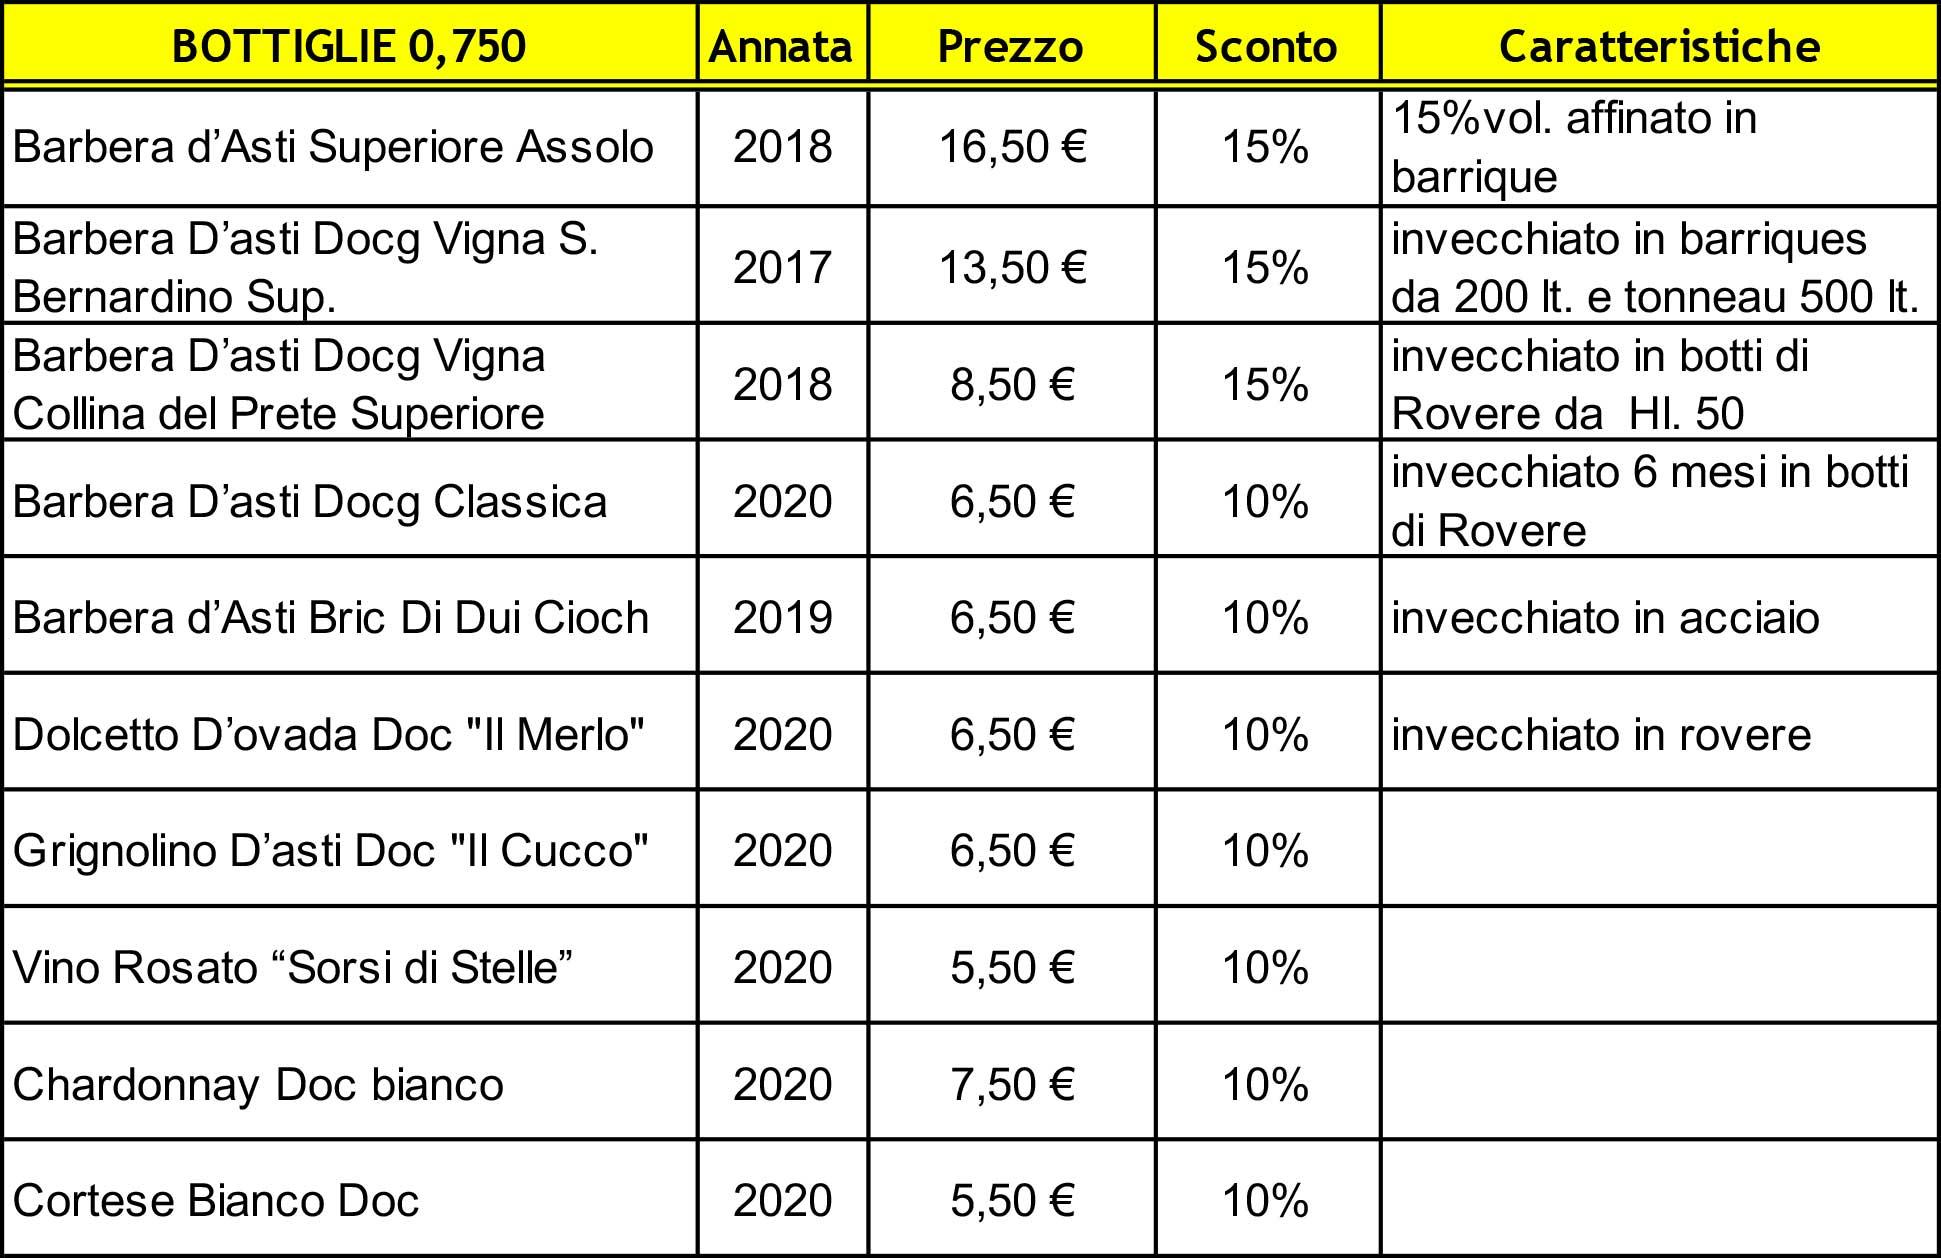 Sconti F.lli Pavia